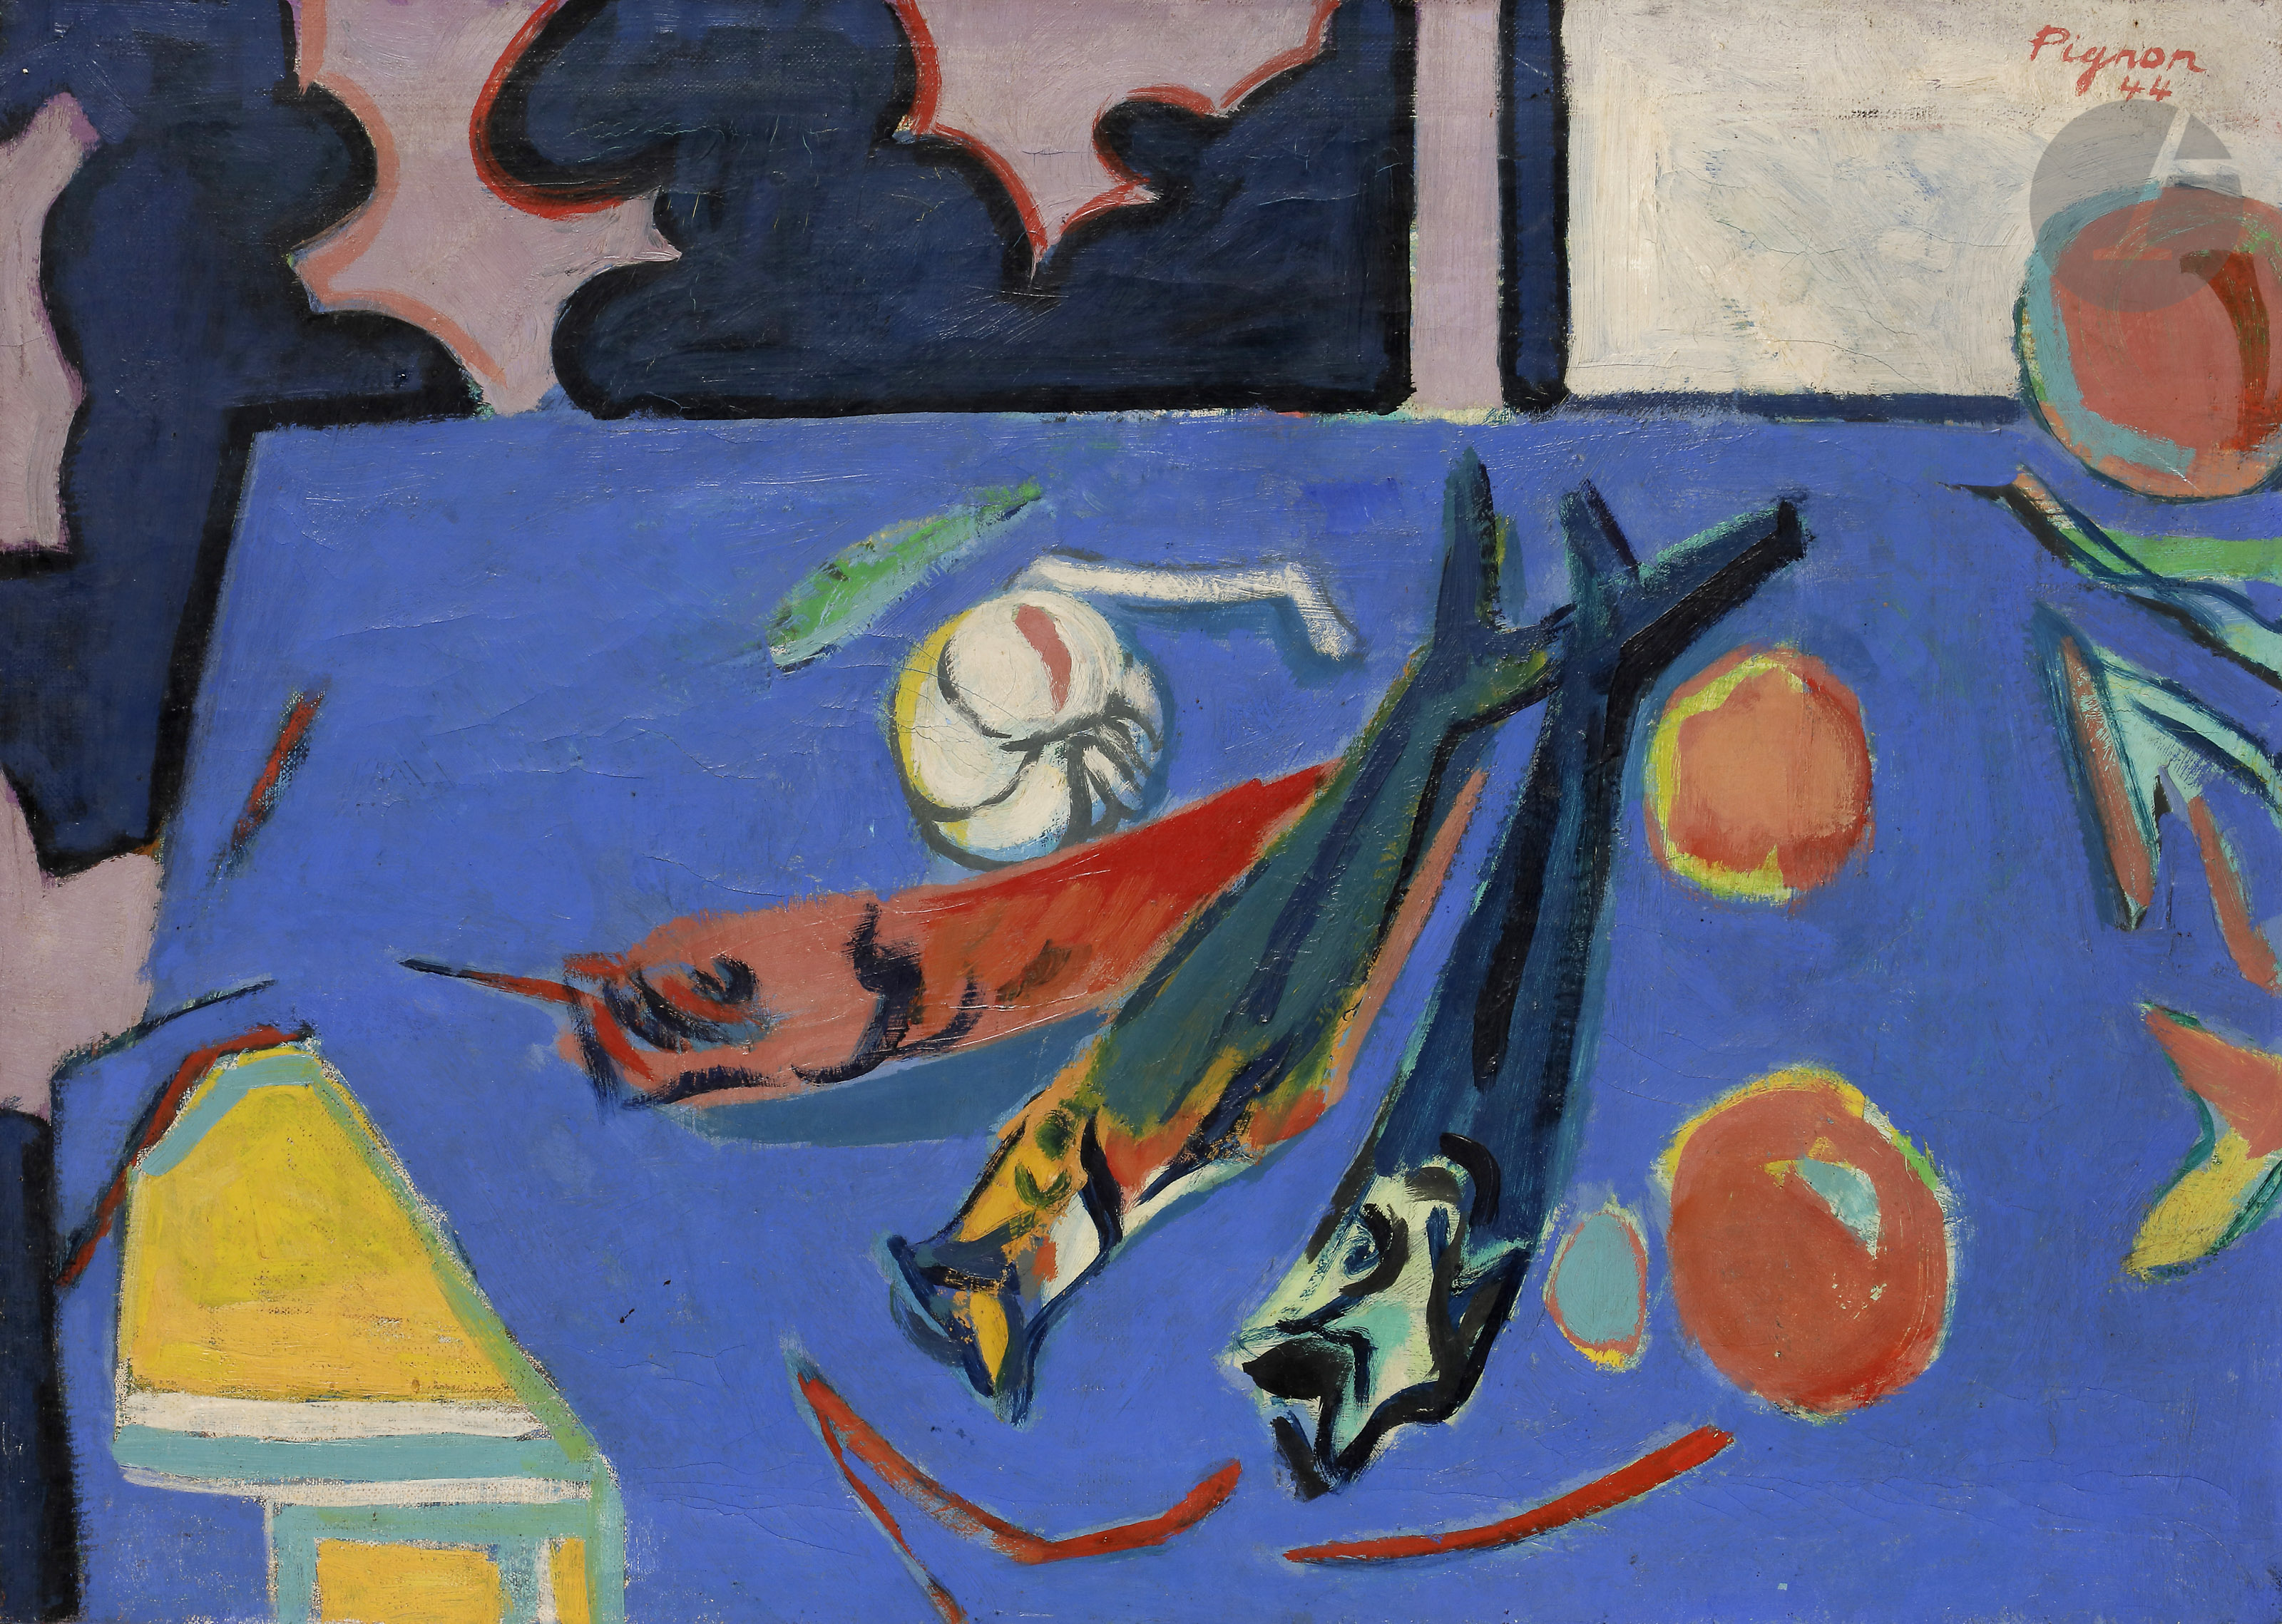 Lot 2 - Edouard PIGNON (1905-1993)La Table bleue, 1944Huile sur toile.Signée et datée en haut à droite.